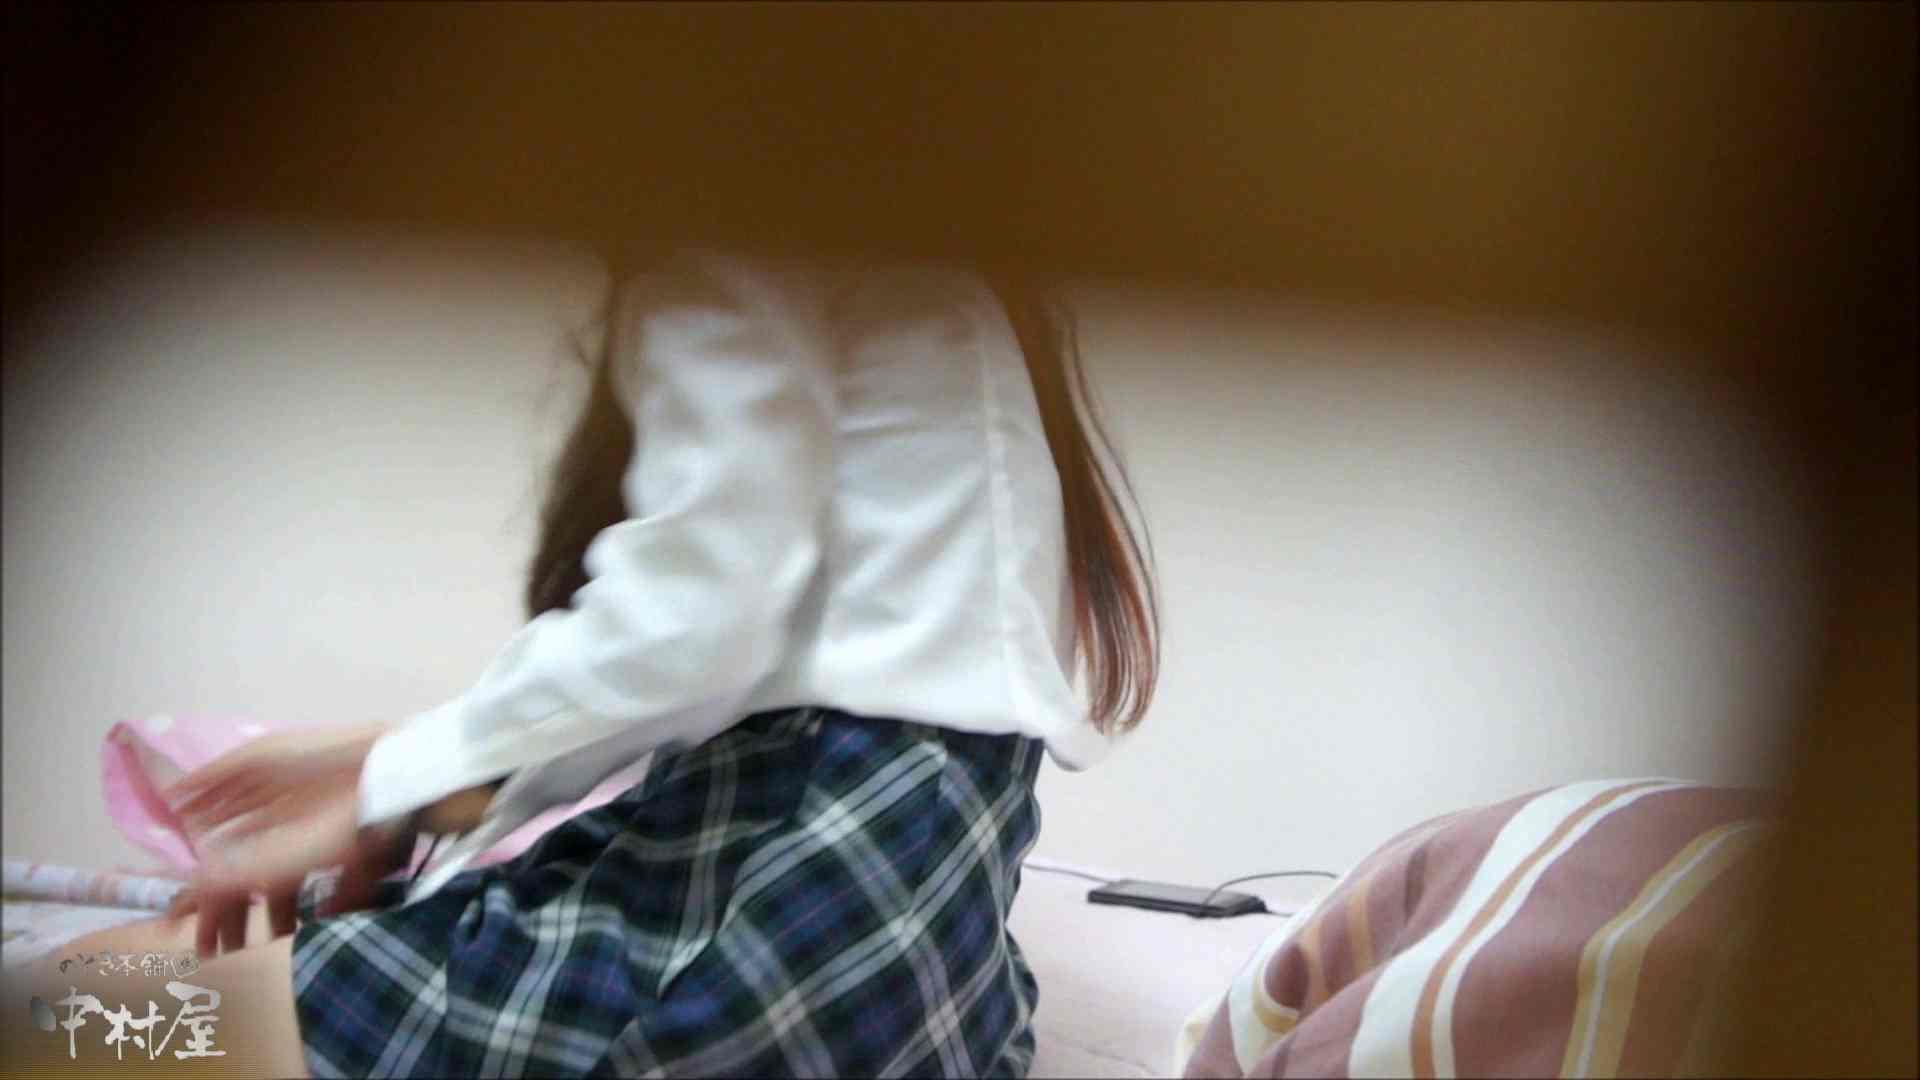 二人とも育てた甲斐がありました…vol.24 レイカの放課後オナニーの瞬間。 美しいOLの裸体 | オナニー  95pic 5